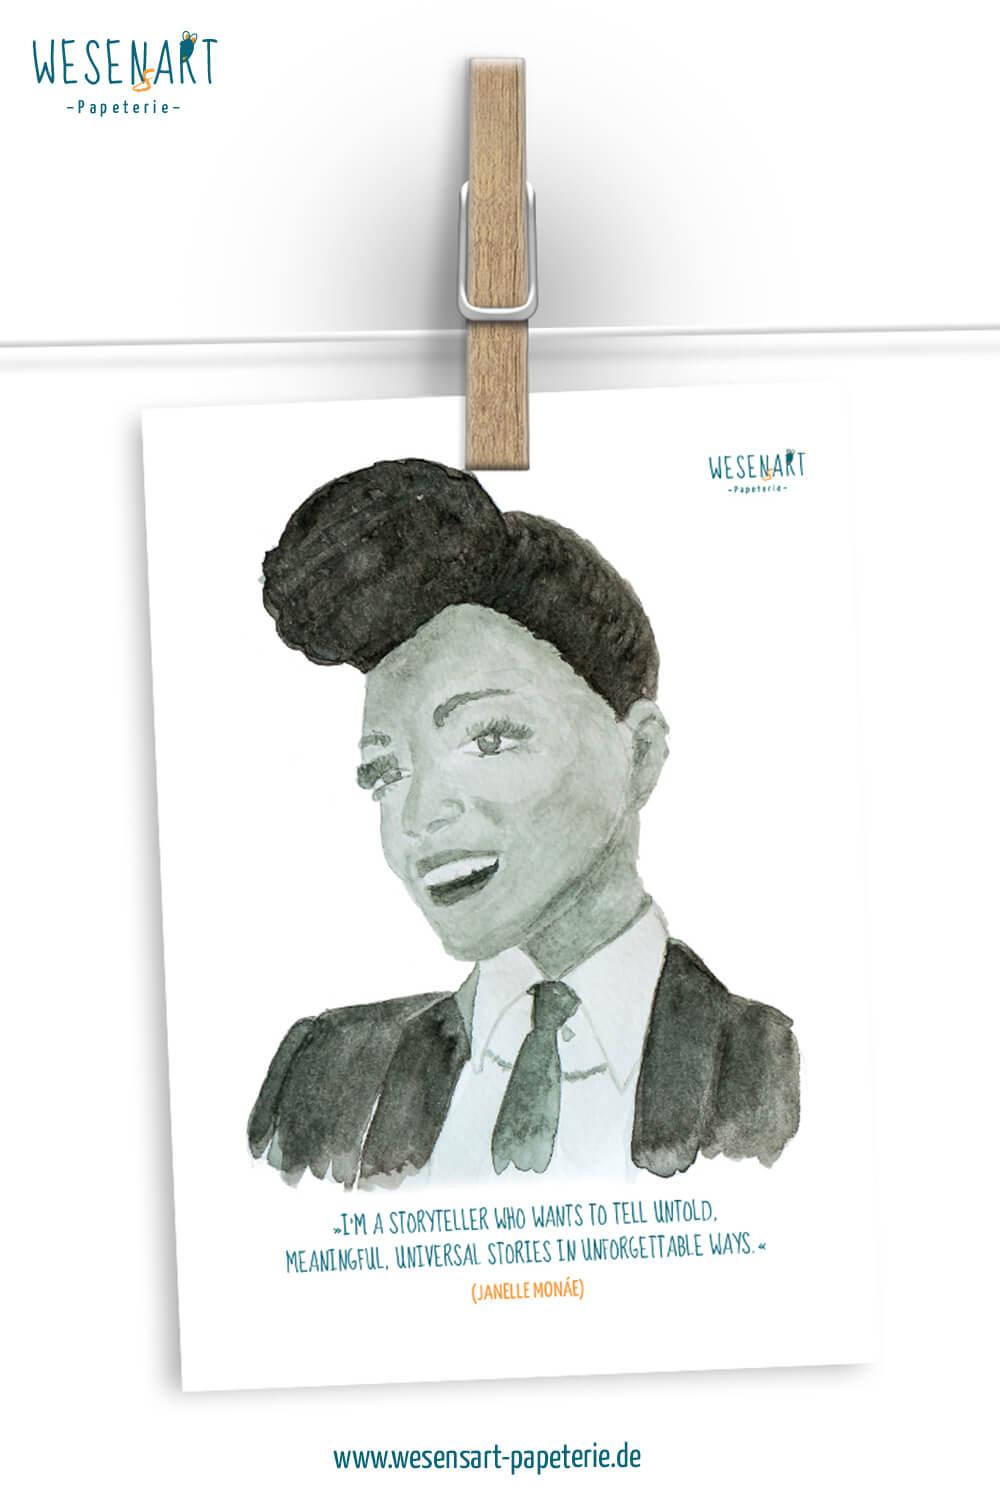 Aquarelle-Portrait von Janelle Monáe mit Zitat